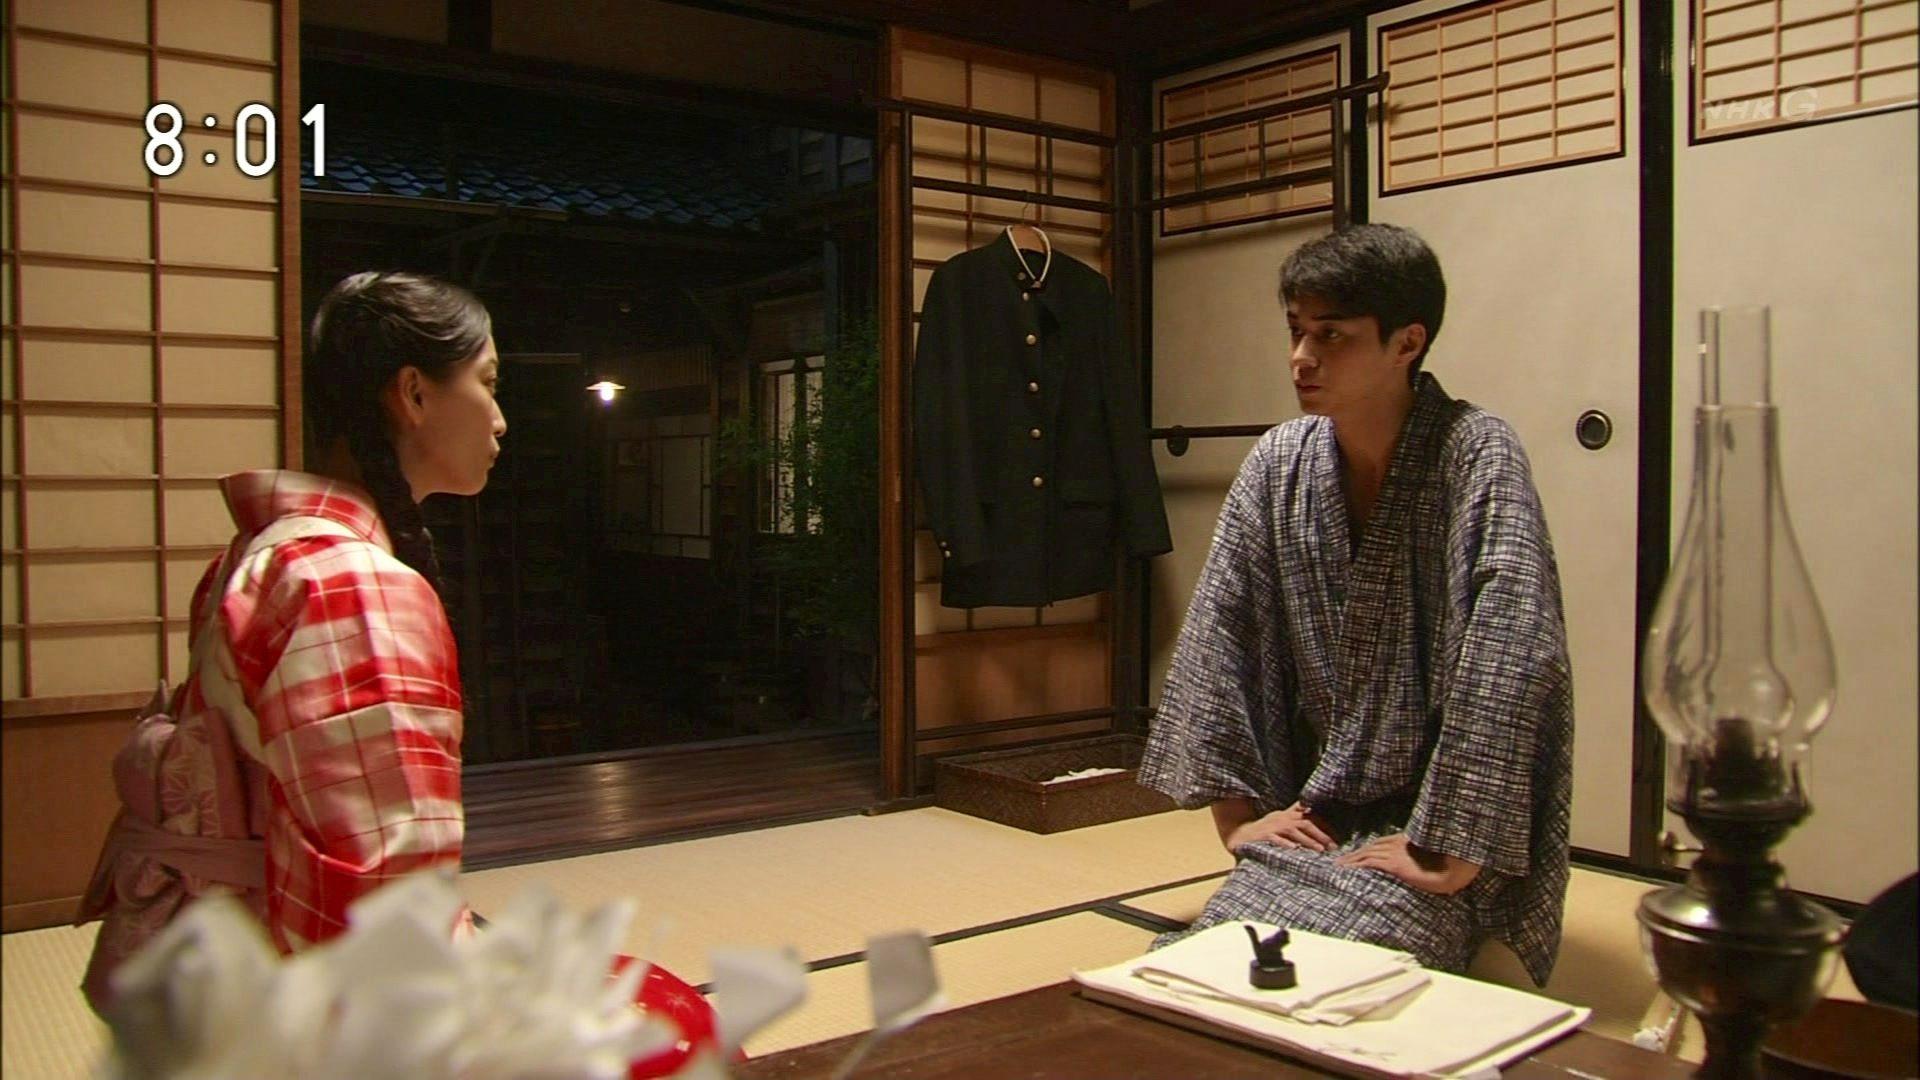 ごちそうさん (2013年のテレビドラマ)の画像 p1_40